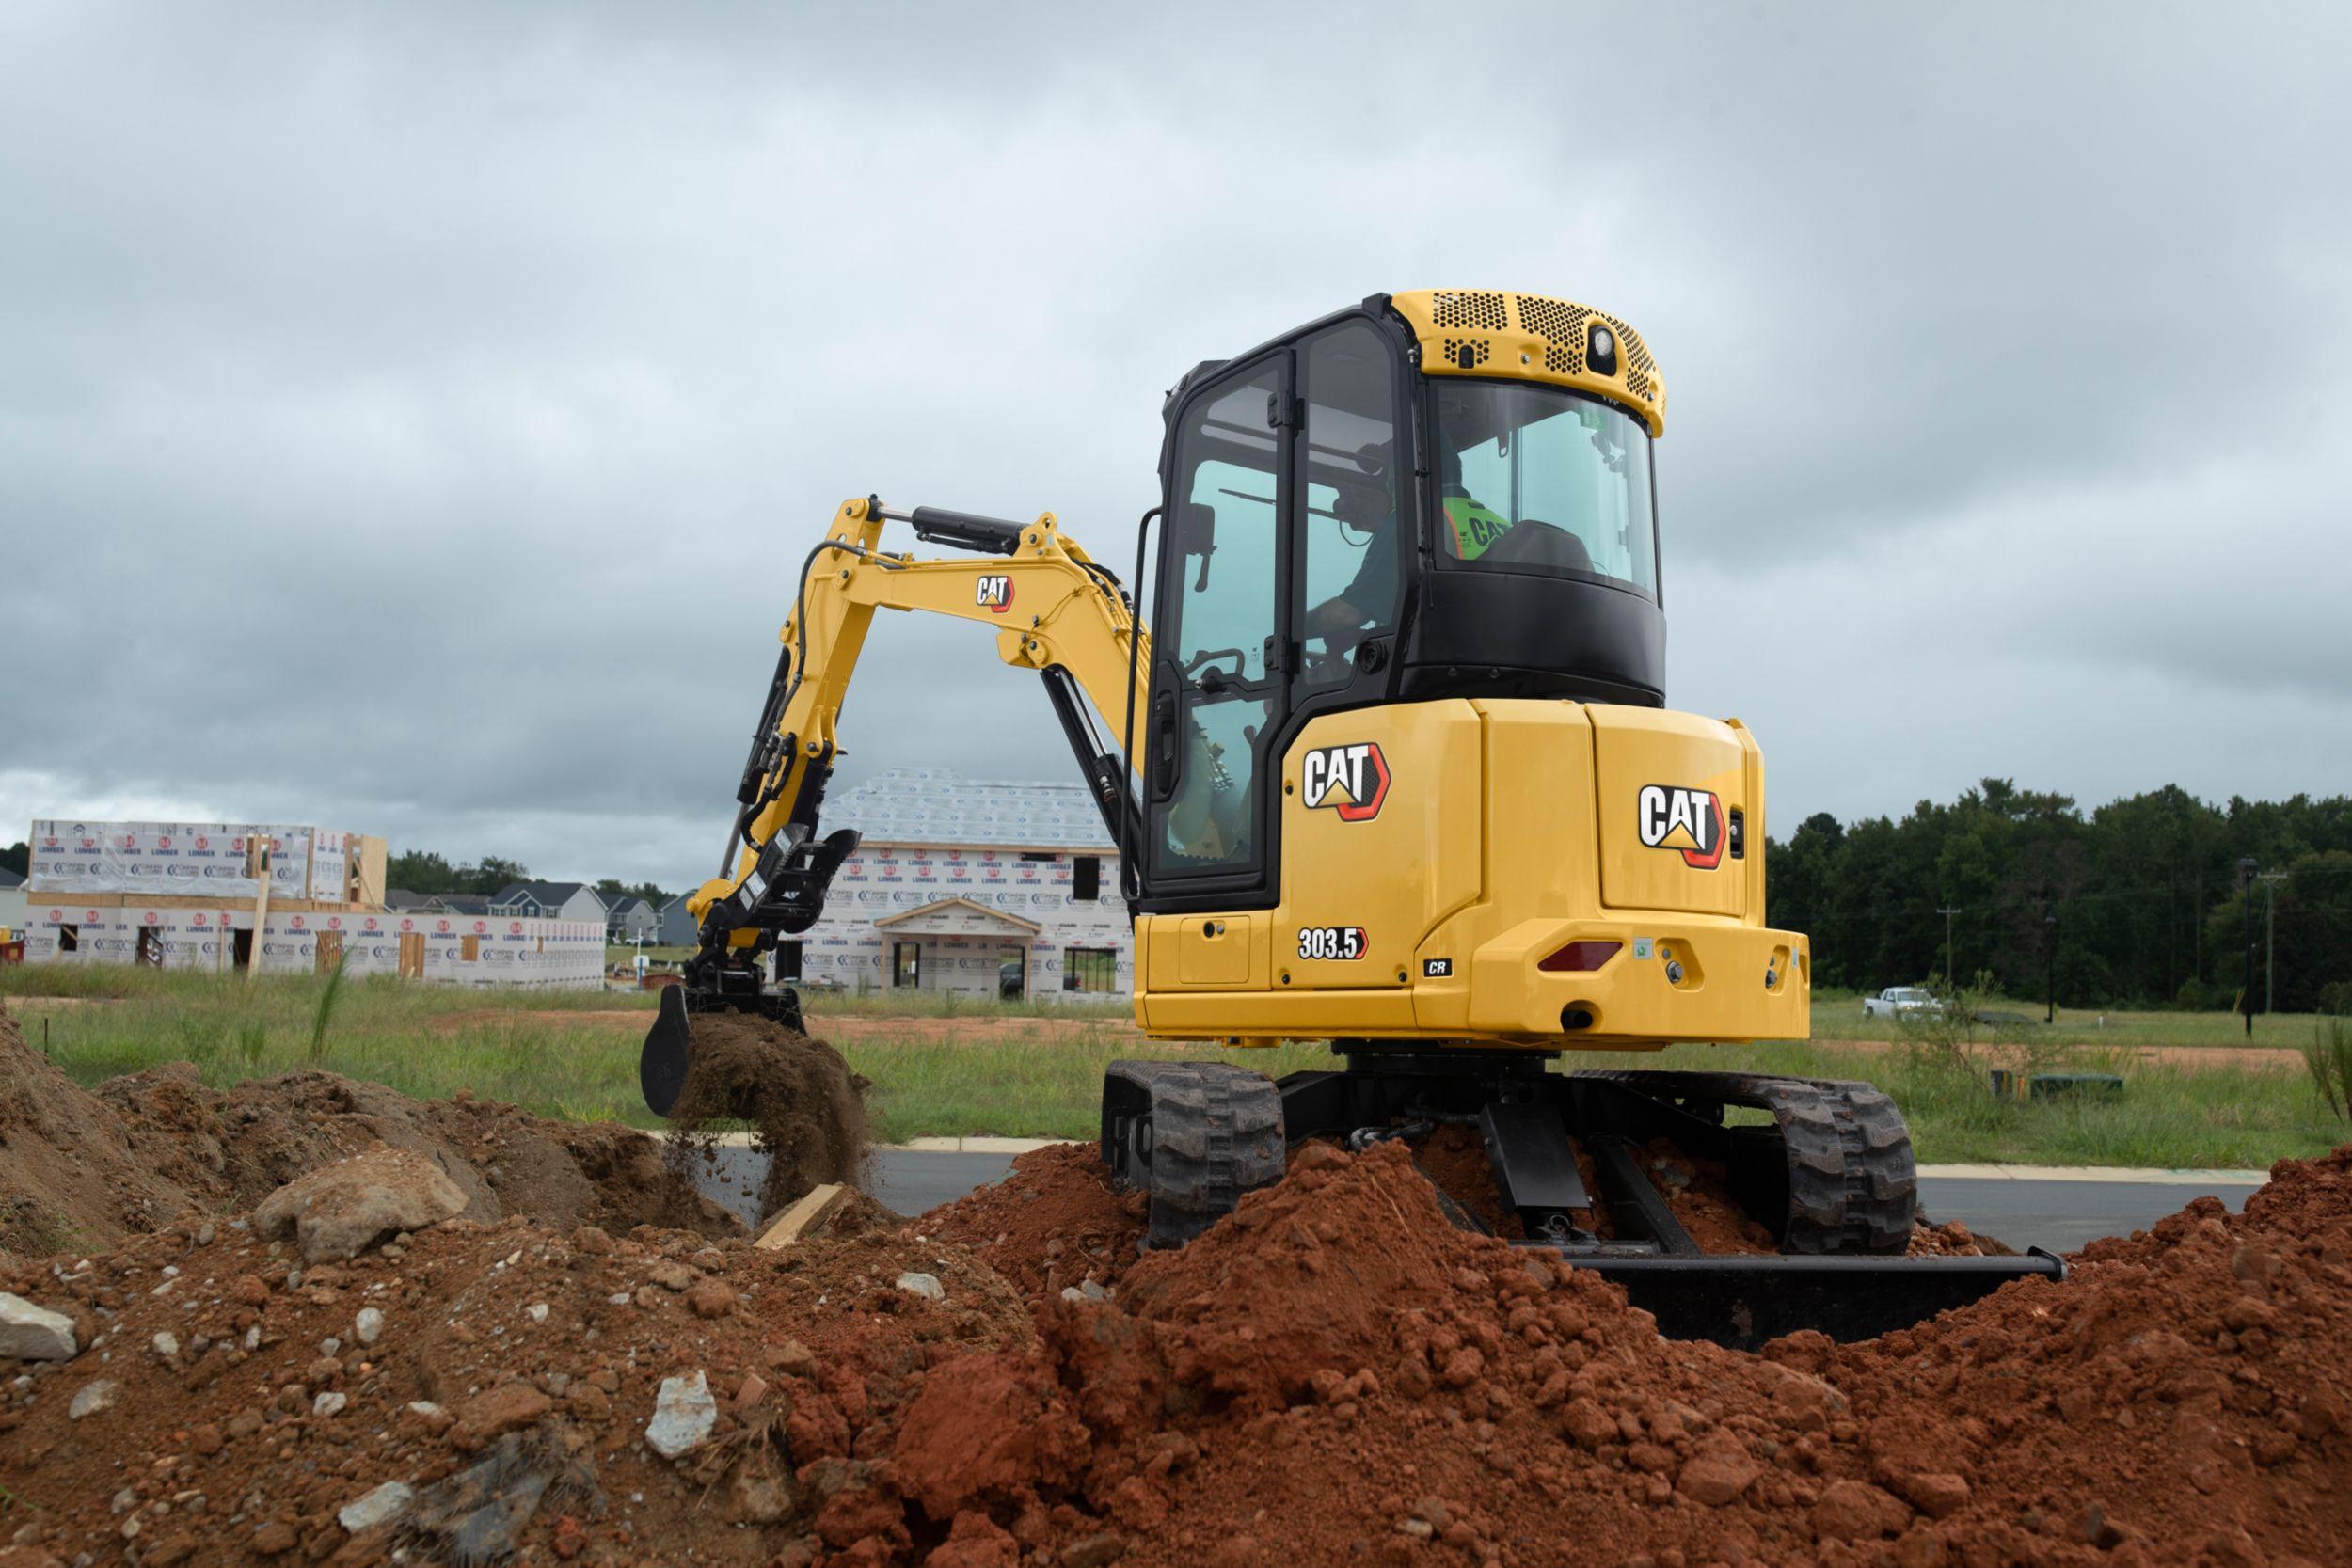 303.5 CR Mini Excavator